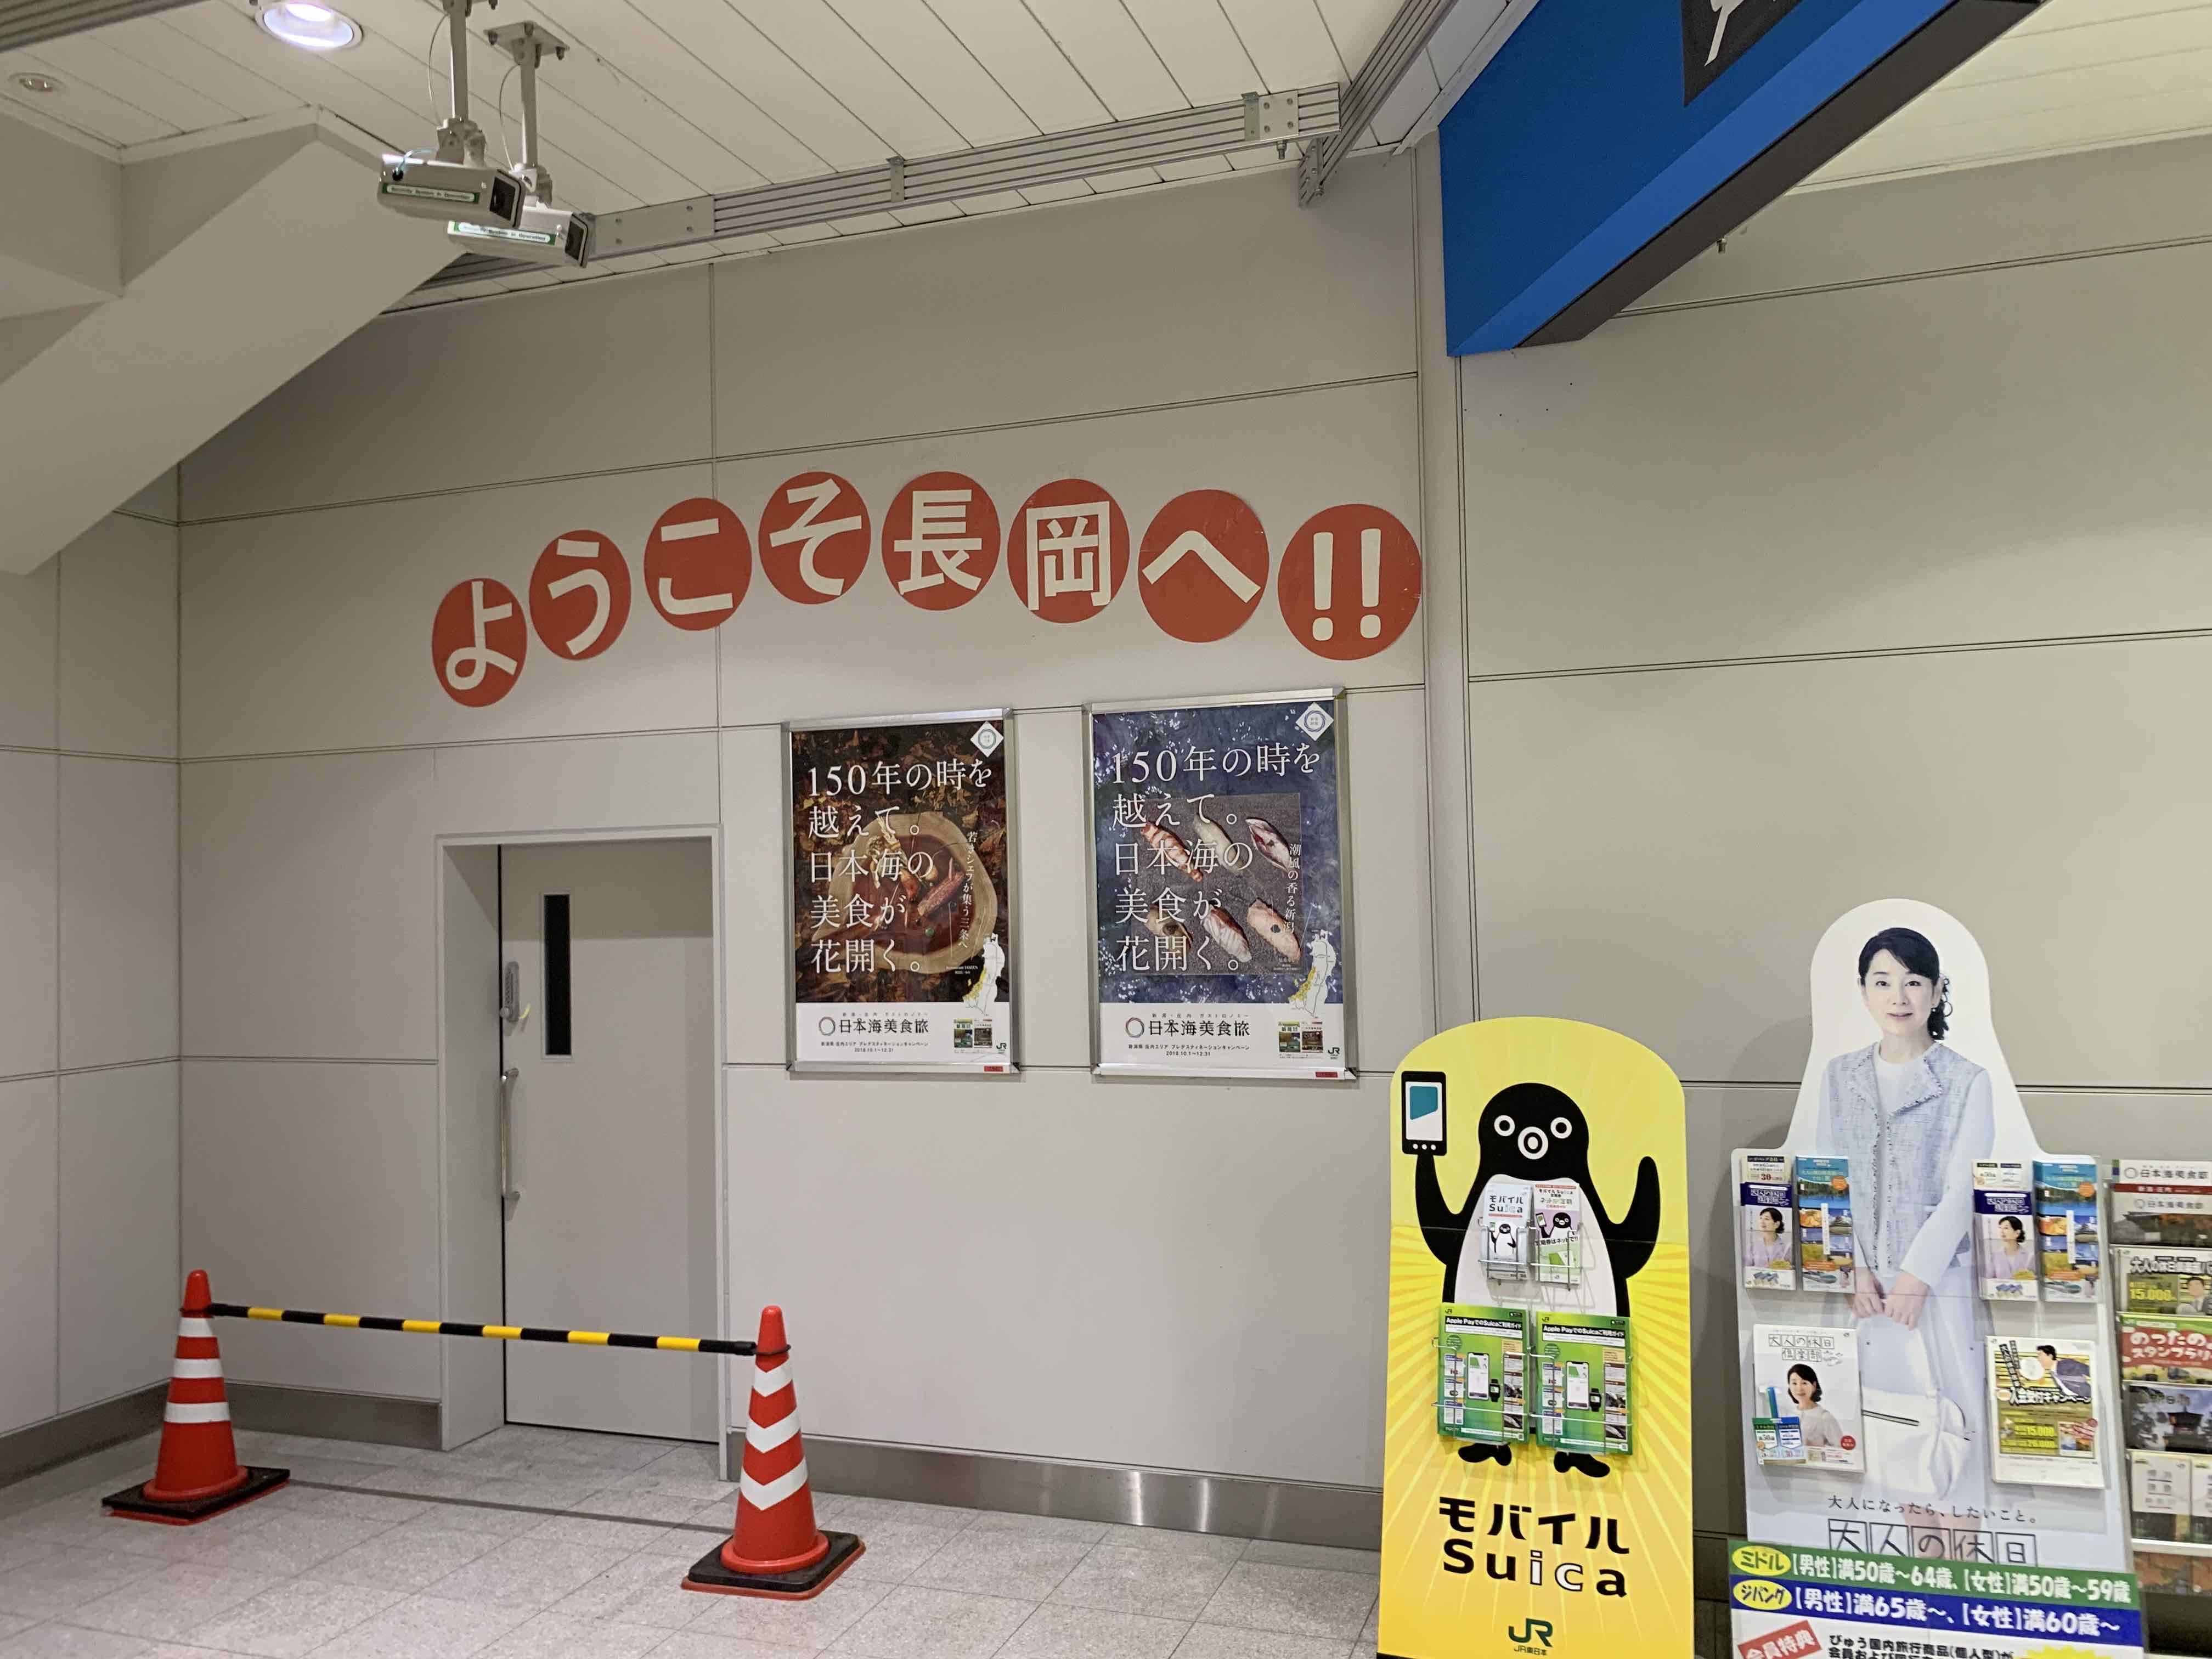 長岡车站出口欢迎语